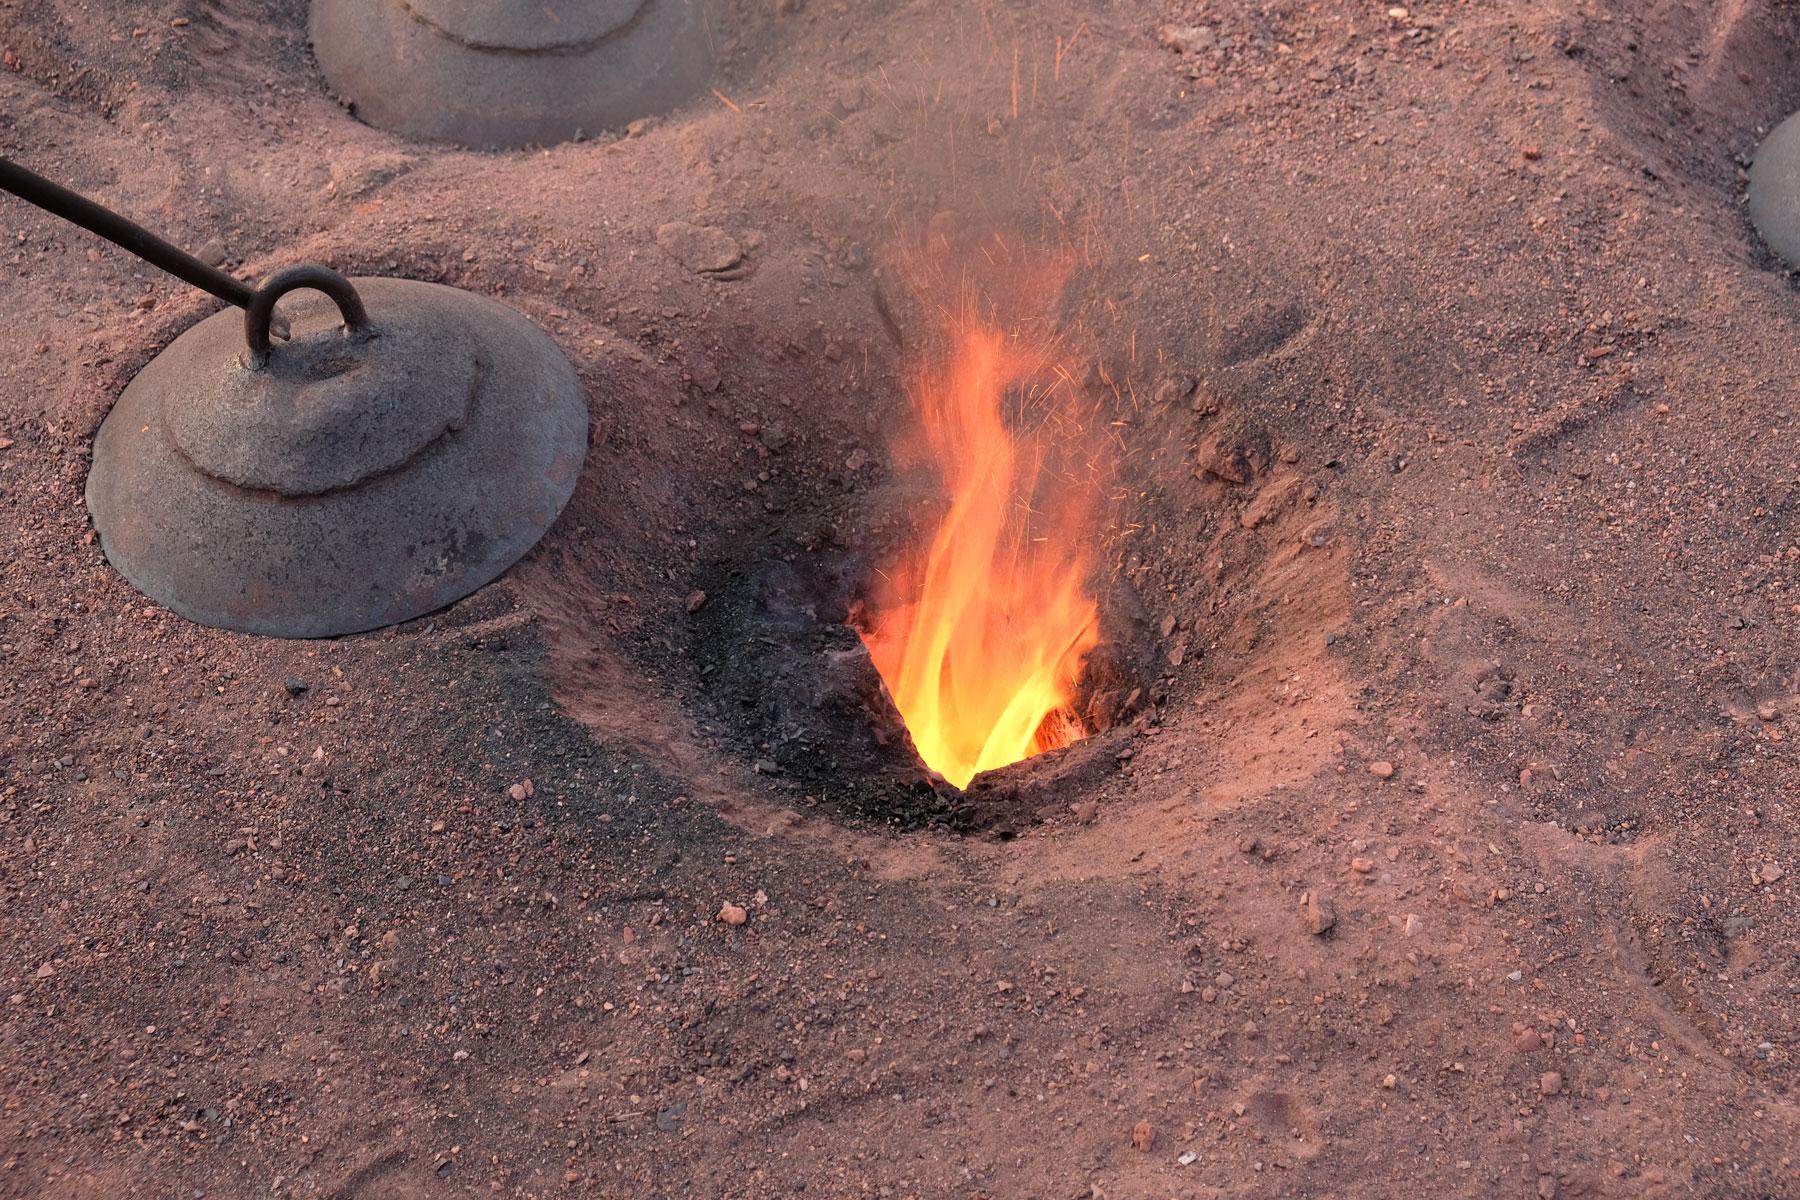 Aus dem Inneren dringen heiße Flammen und ein beißender Geruch nach oben